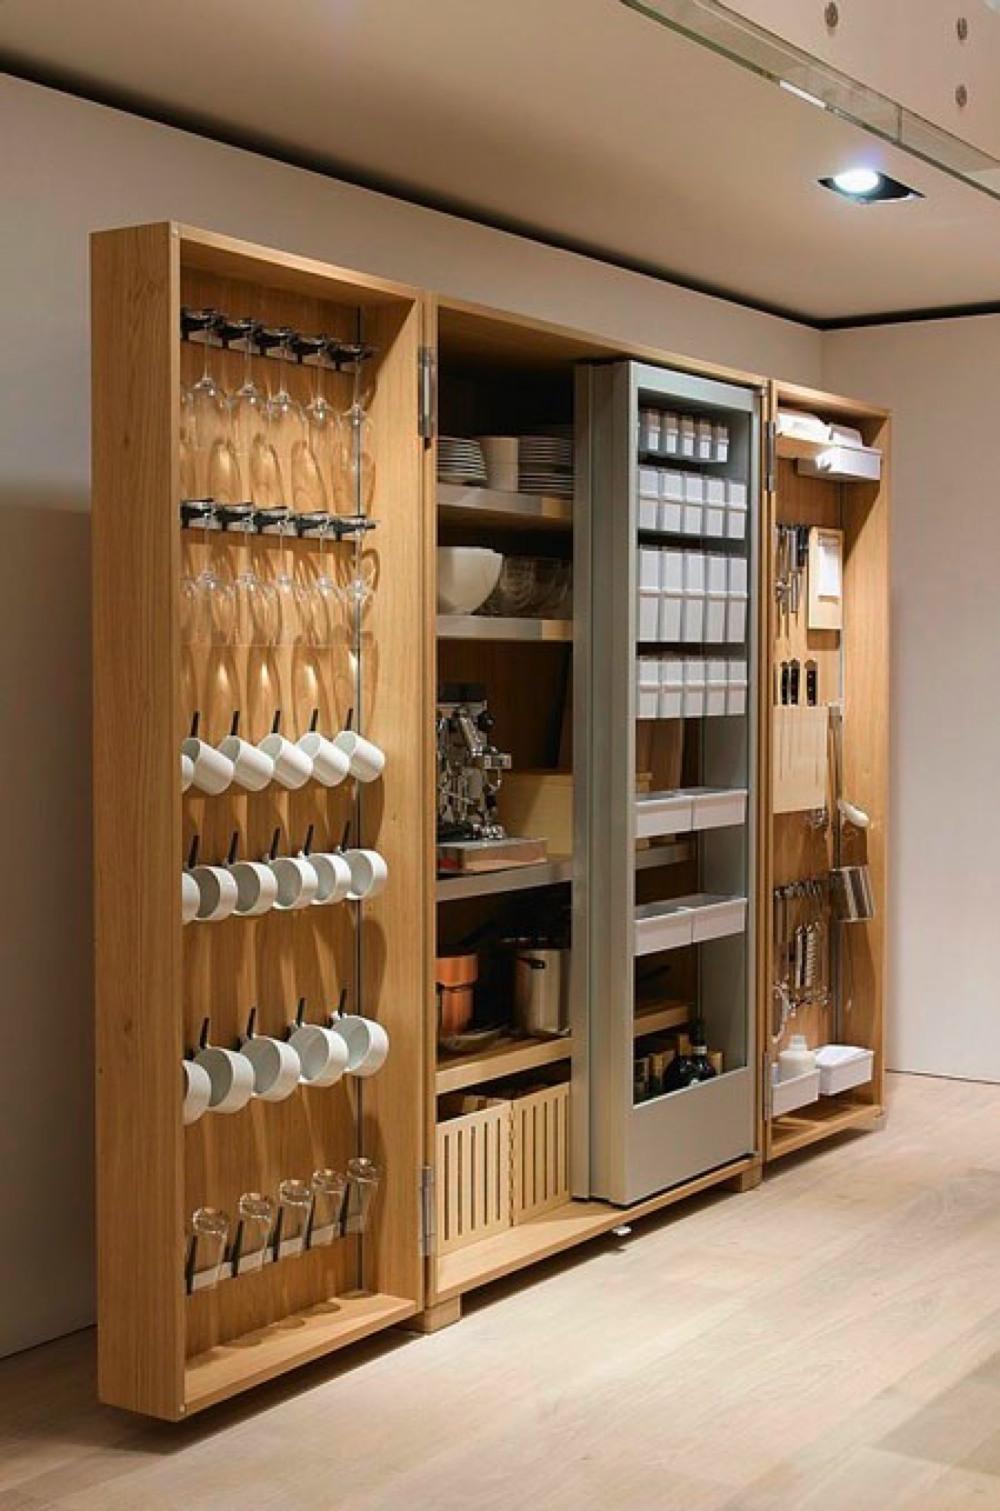 キッチンのシステマチックな収納 | 住宅デザイン